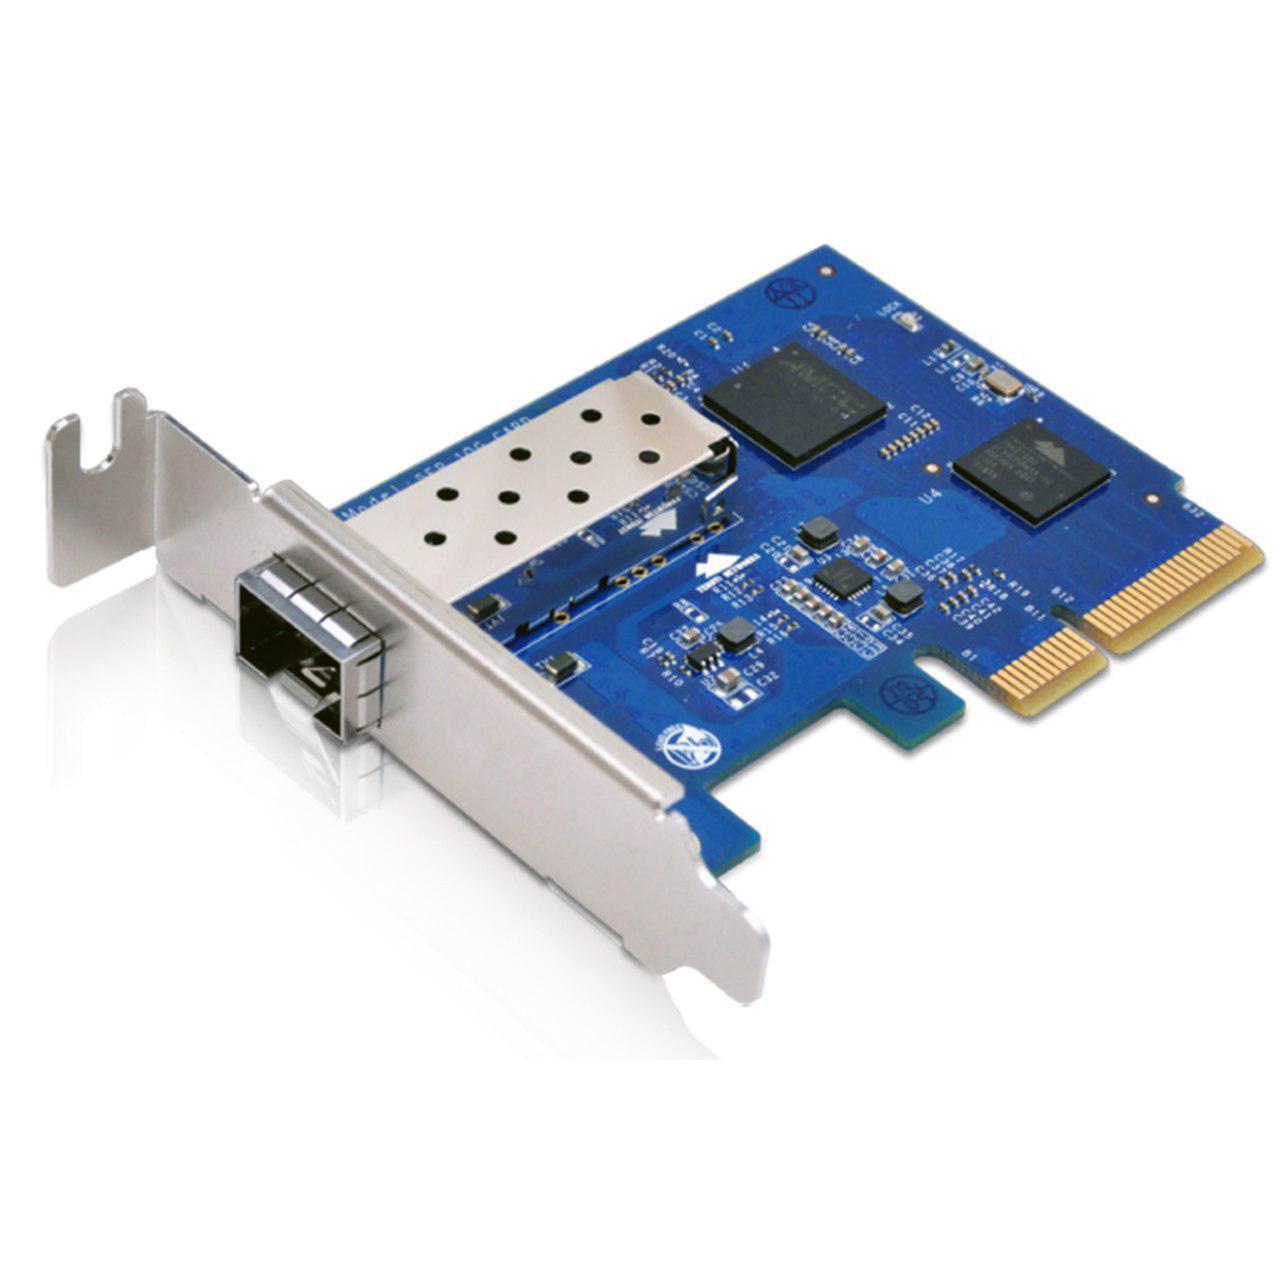 کارت شبکه سینولوژی مدل E10G15-F1